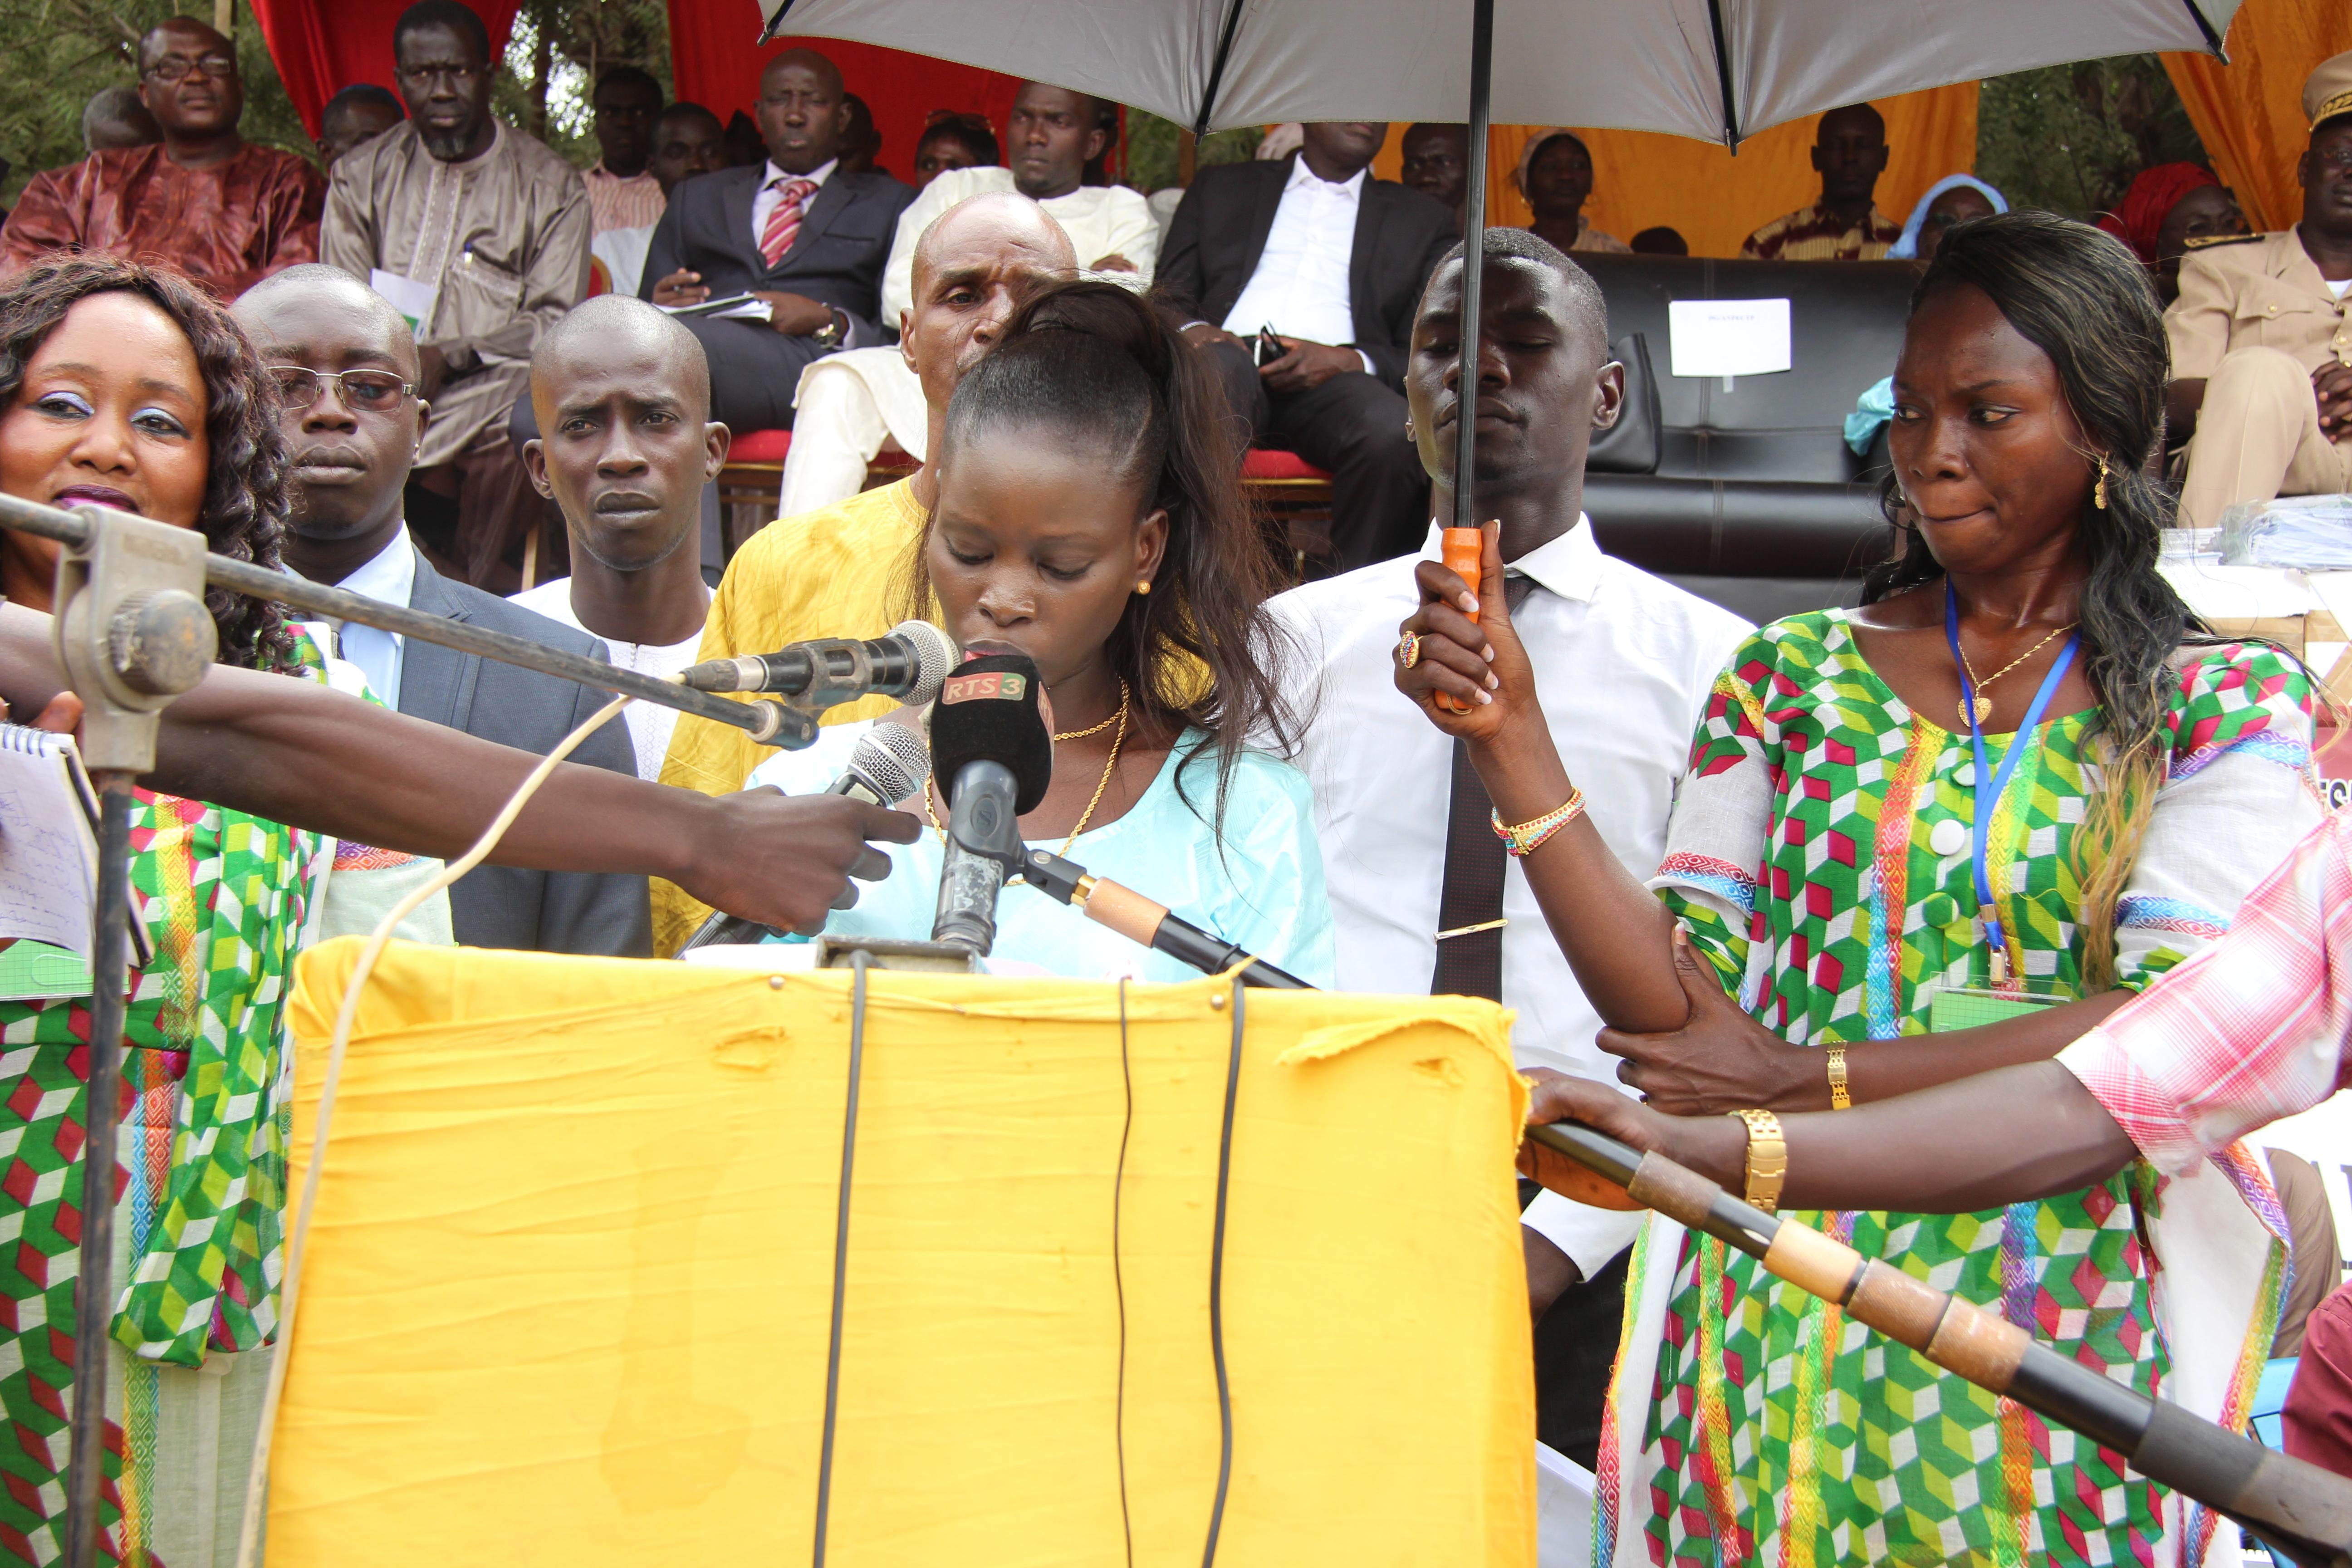 Lancement de la Semaine nationale de la petite enfance à Tambacounda : Thérèse Faye invite les autorités à recenser systématiquement tous les enfants sans pièce d'état civil